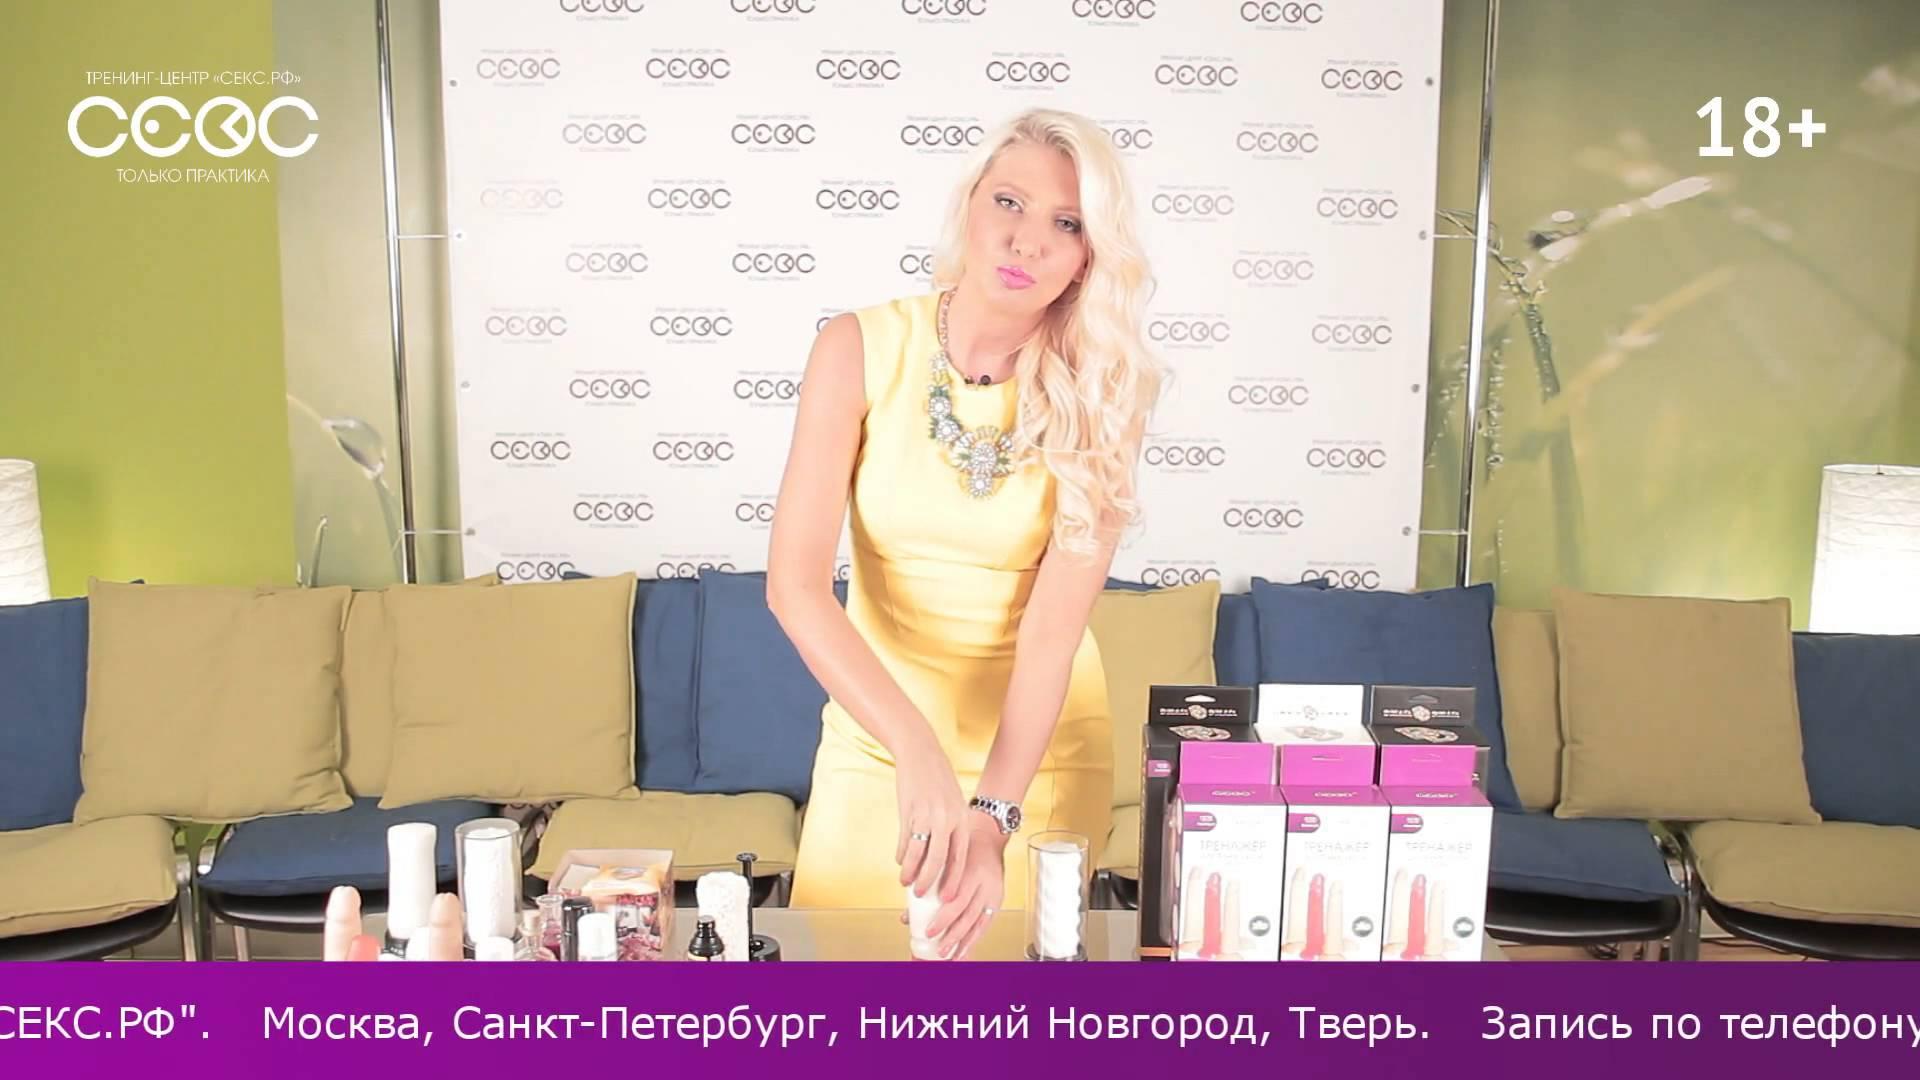 Центр СЕКСРФ  тренинги для женщин в Москве  СЕКСРФ